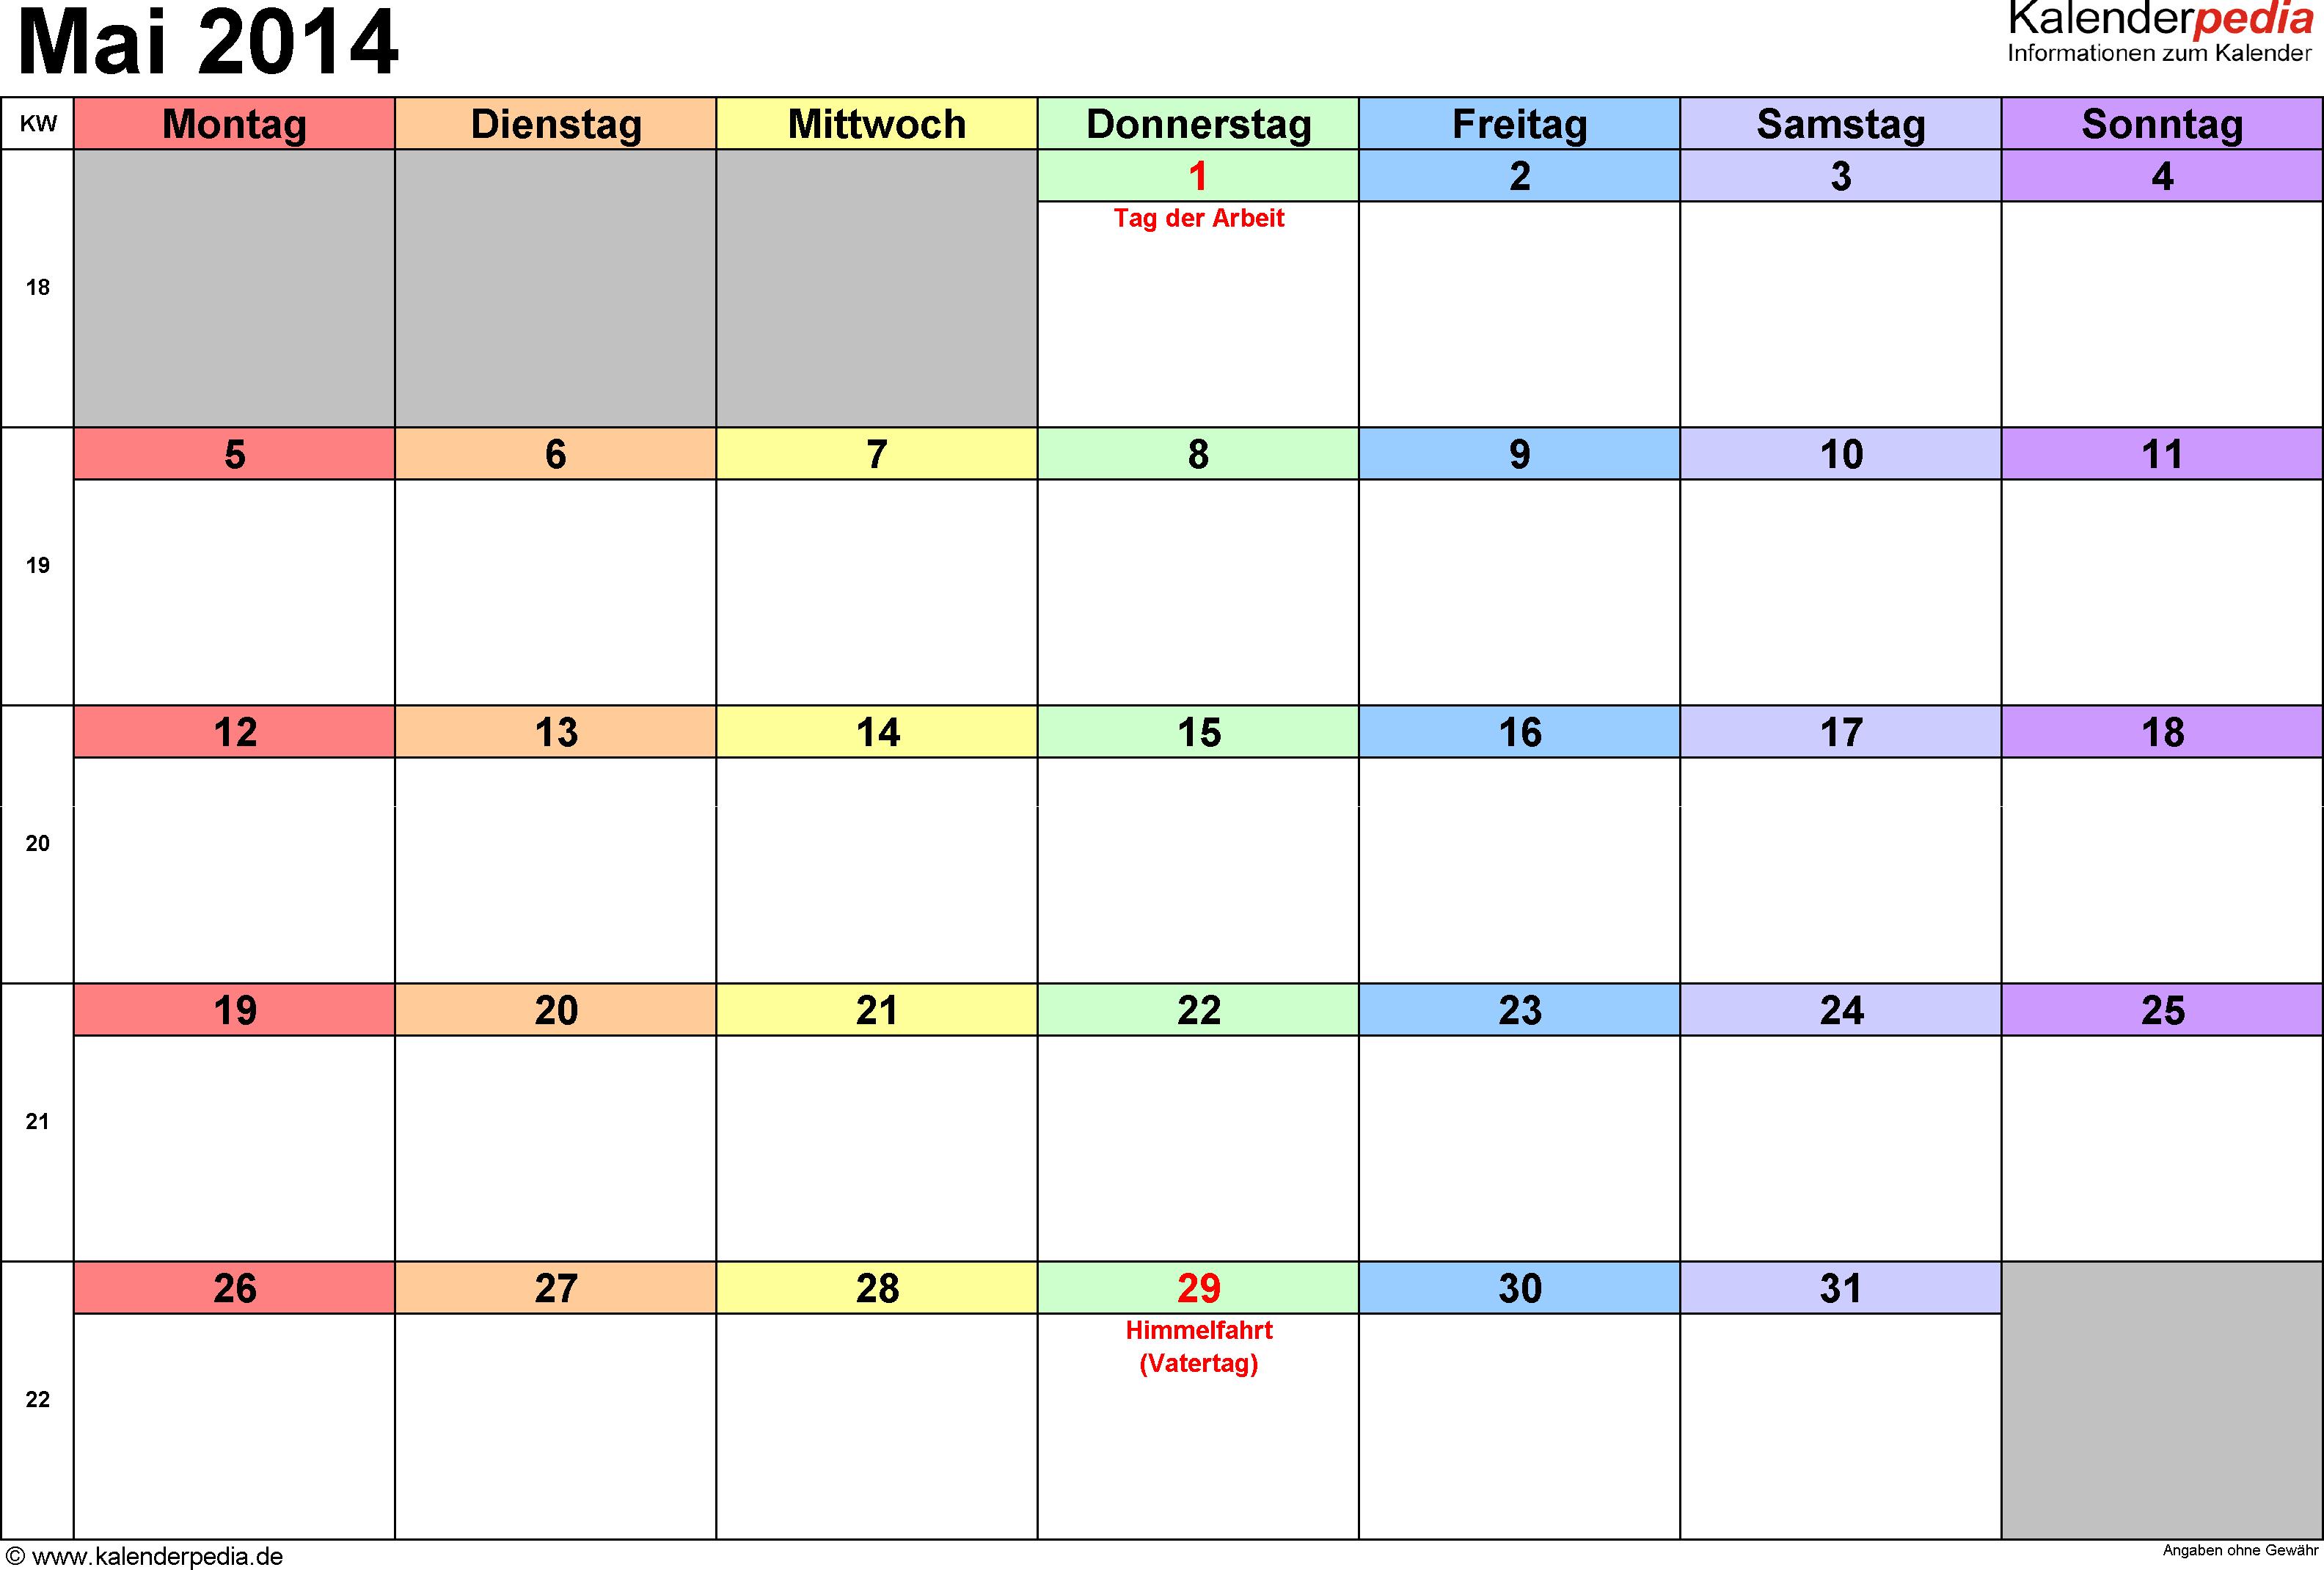 mit bundesweiten Feiertagen & Kalenderwochen Mai 2014